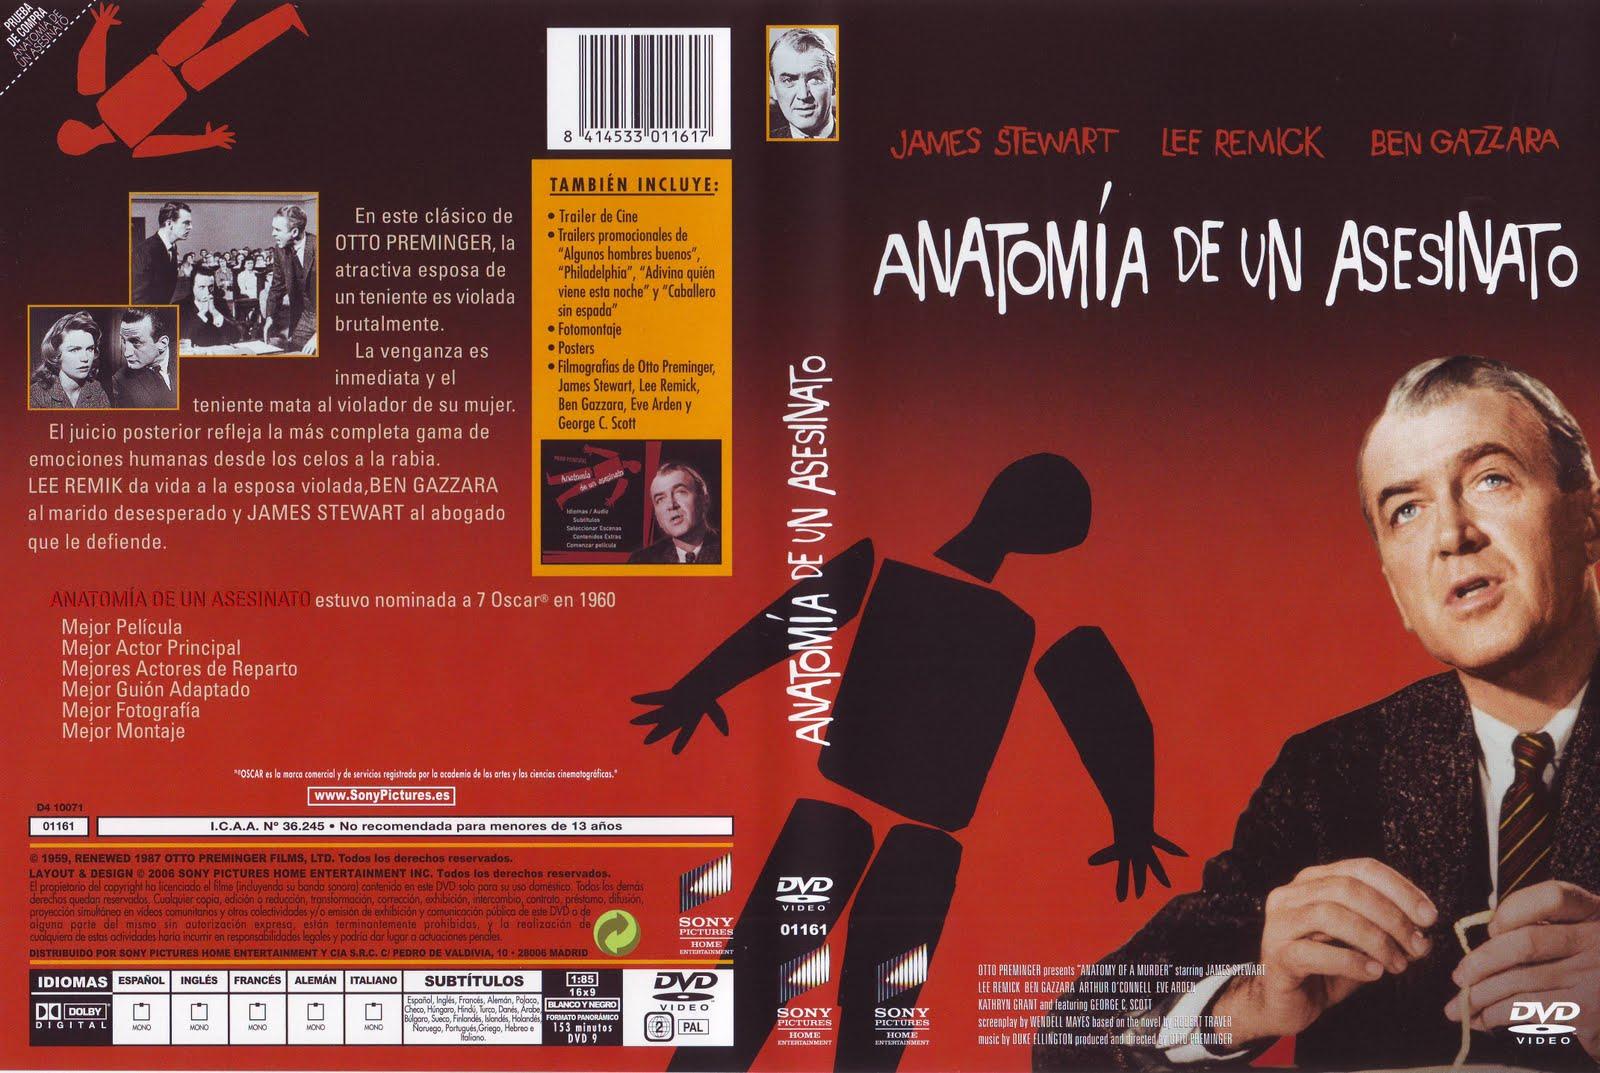 Lujoso Anatomía De Un Asesinato Dvd Patrón - Imágenes de Anatomía ...